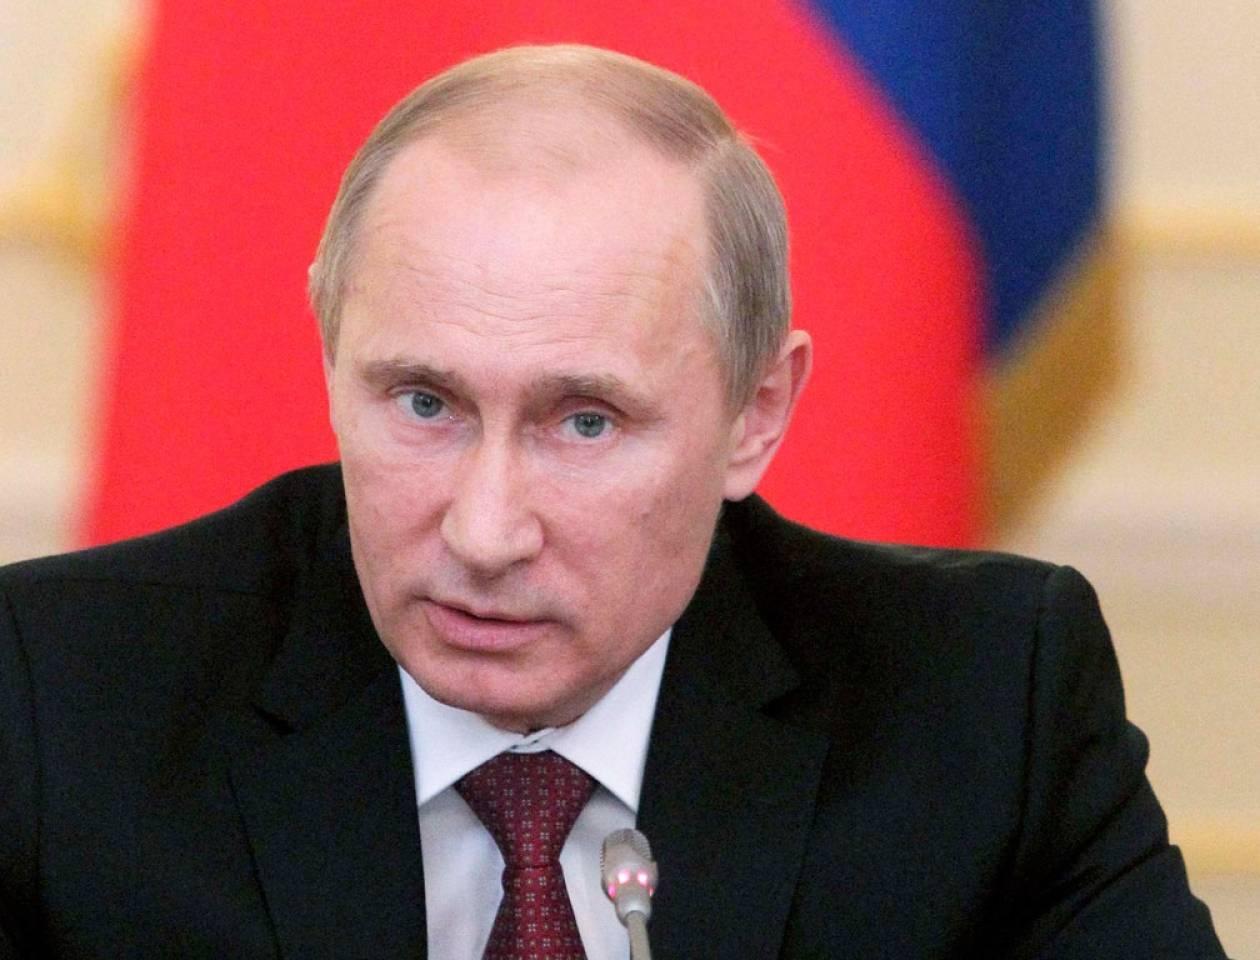 Πούτιν: Ο «νόμος Μαγκνίτσκι» δηλητηριάζει τις σχέσεις ΗΠΑ-Ρωσίας